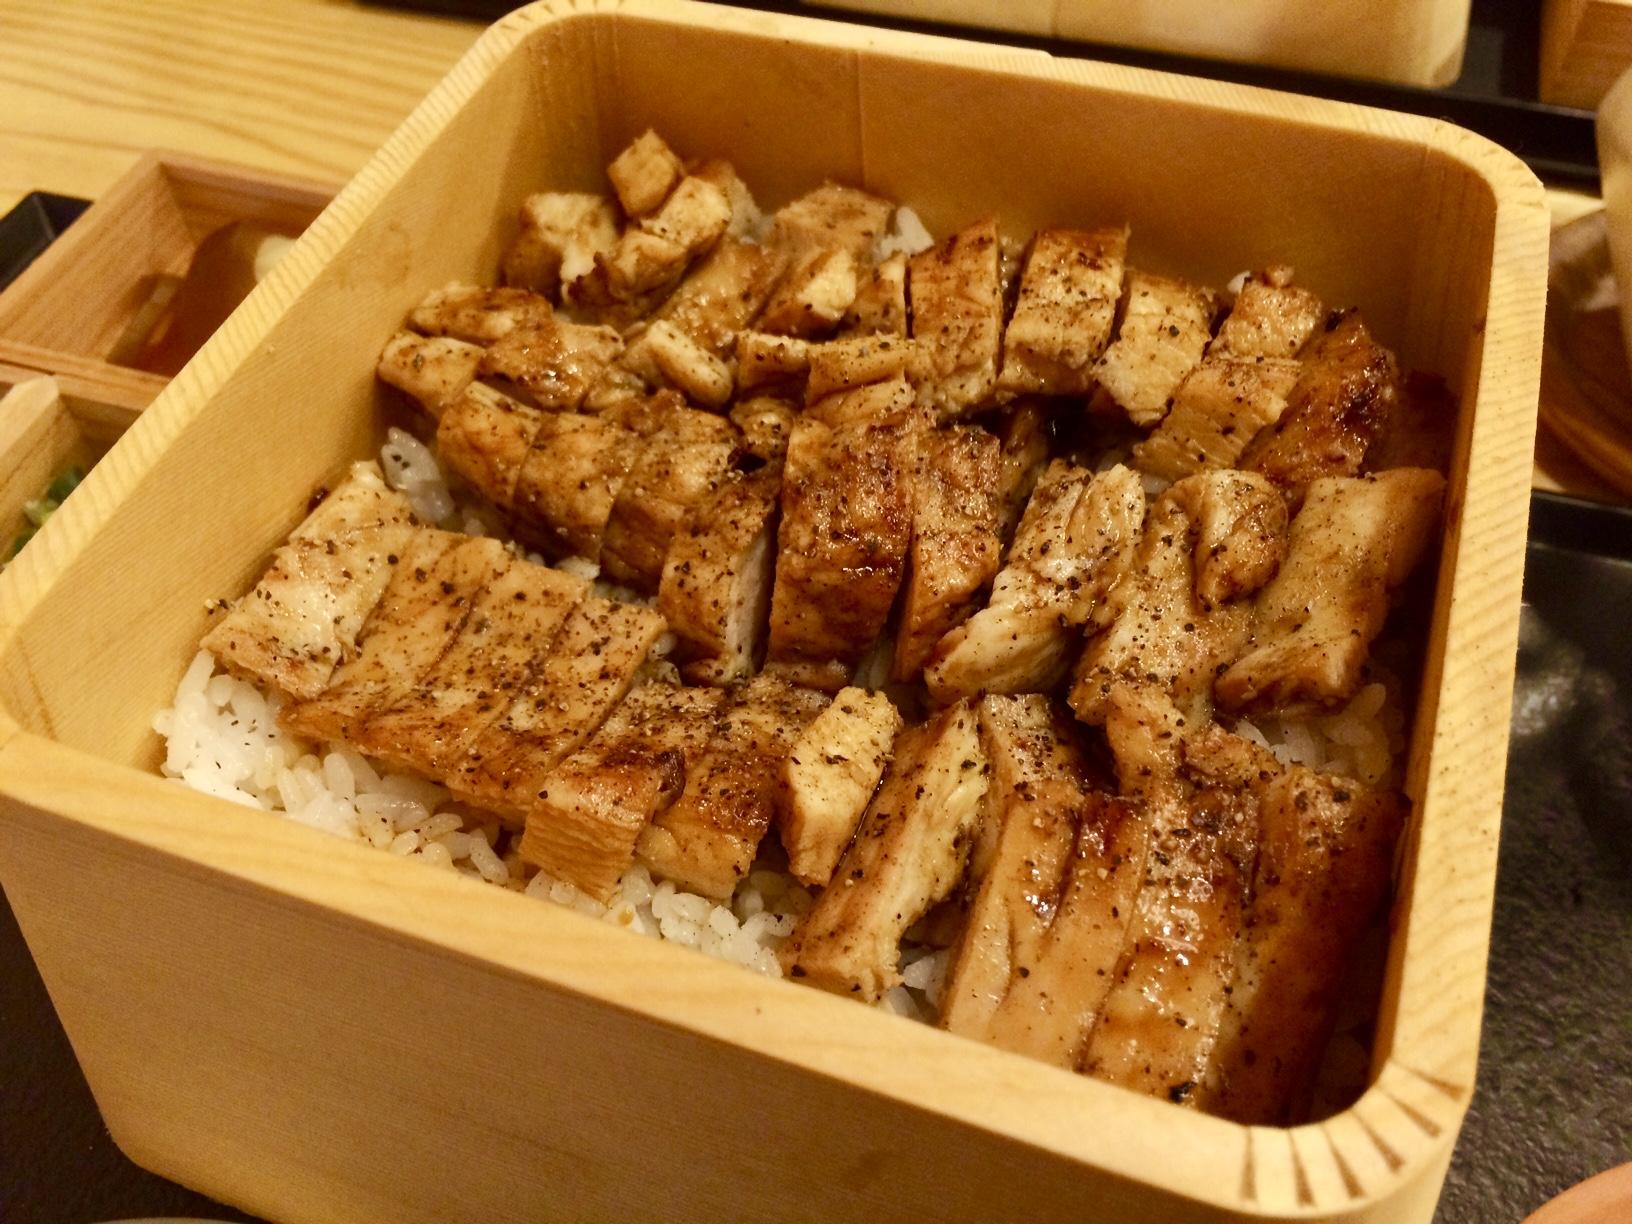 【エリア別】名古屋でひつまぶしを食べるなら!編集部おすすめのお店を紹介 - fullsizeoutput 1a